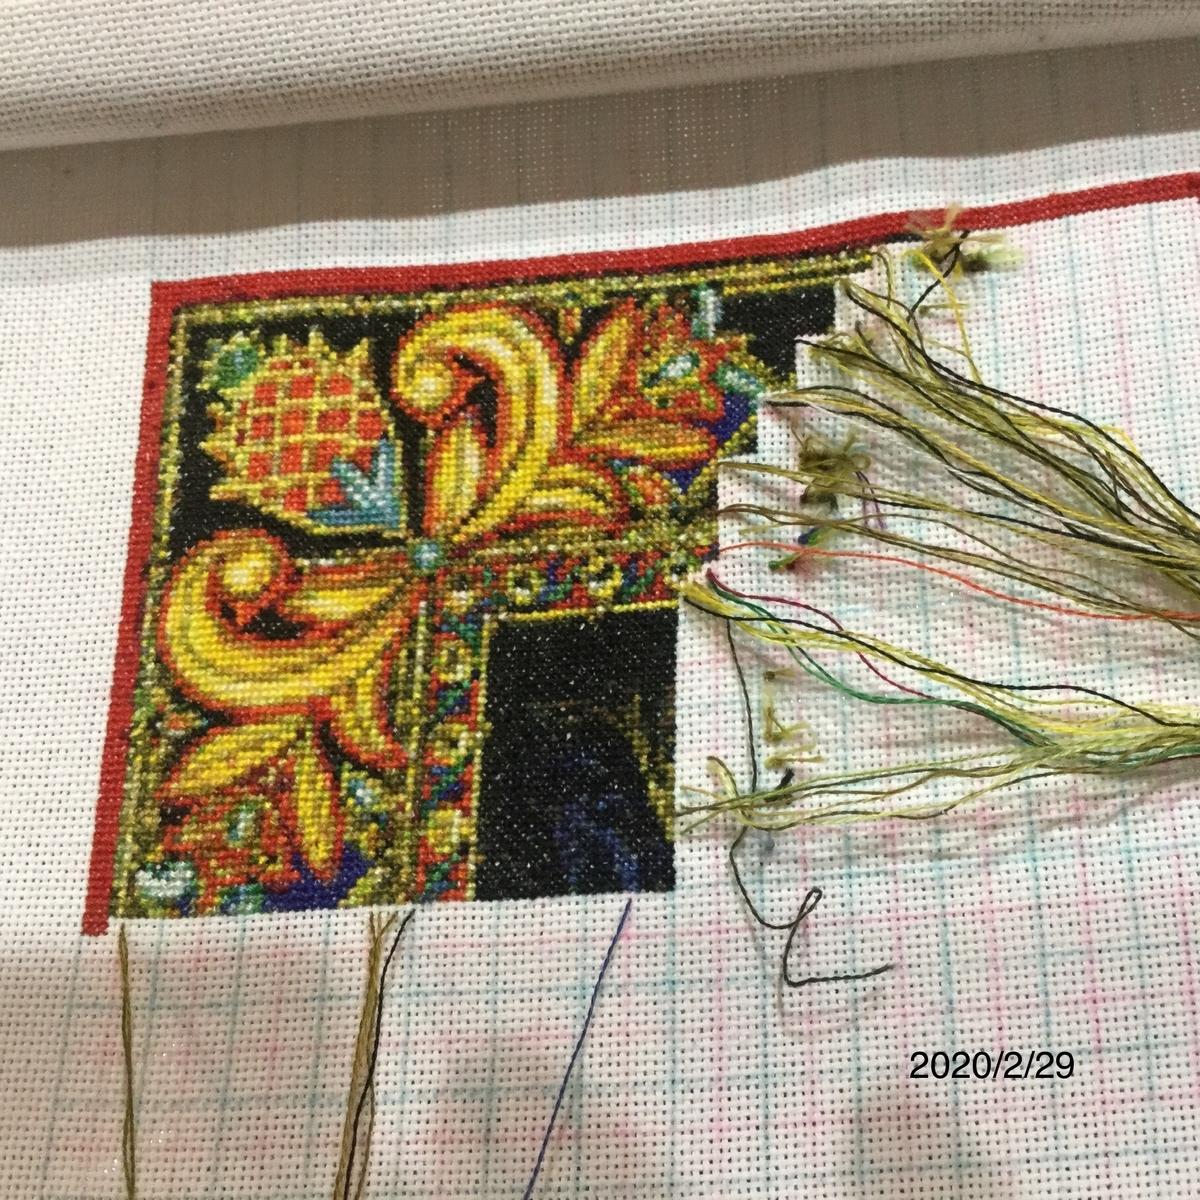 f:id:KeiKeiuhuhu:20200303233818j:plain